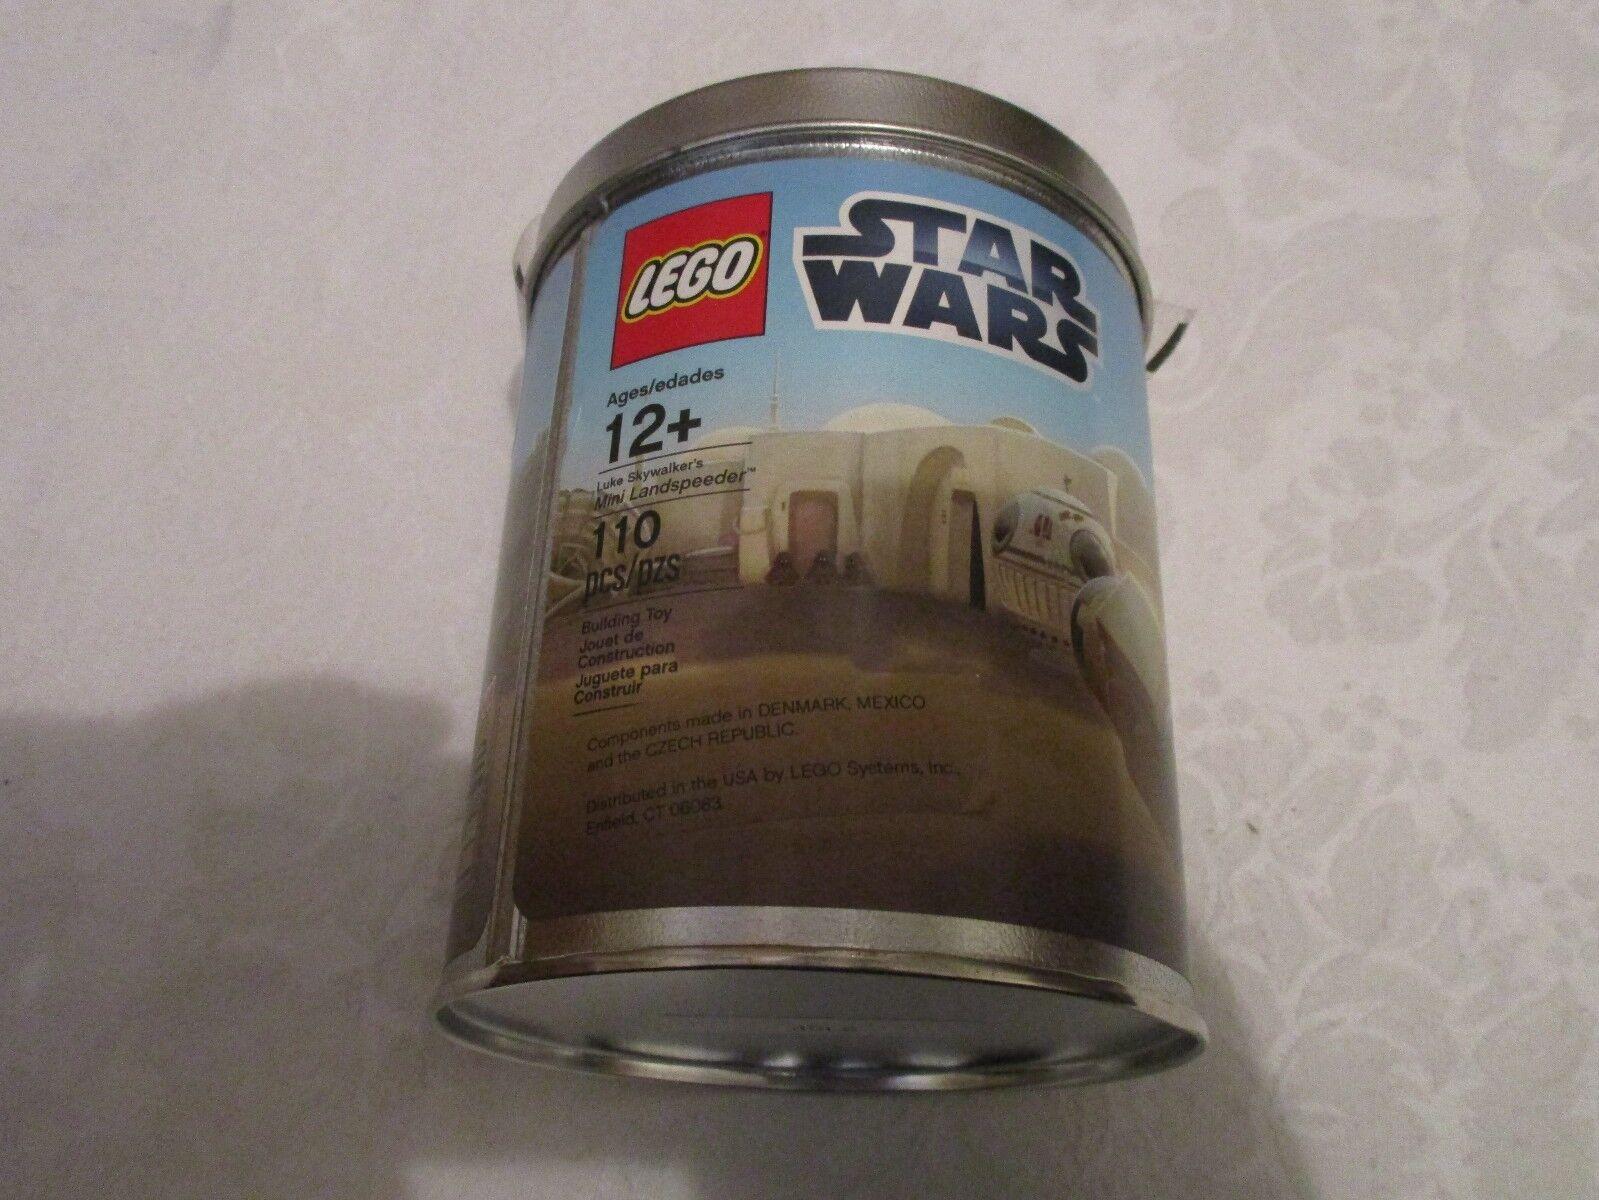 Lego Star Wars NYCC 2012 exclusivo Luke Skywalker's Mini Landspeeder